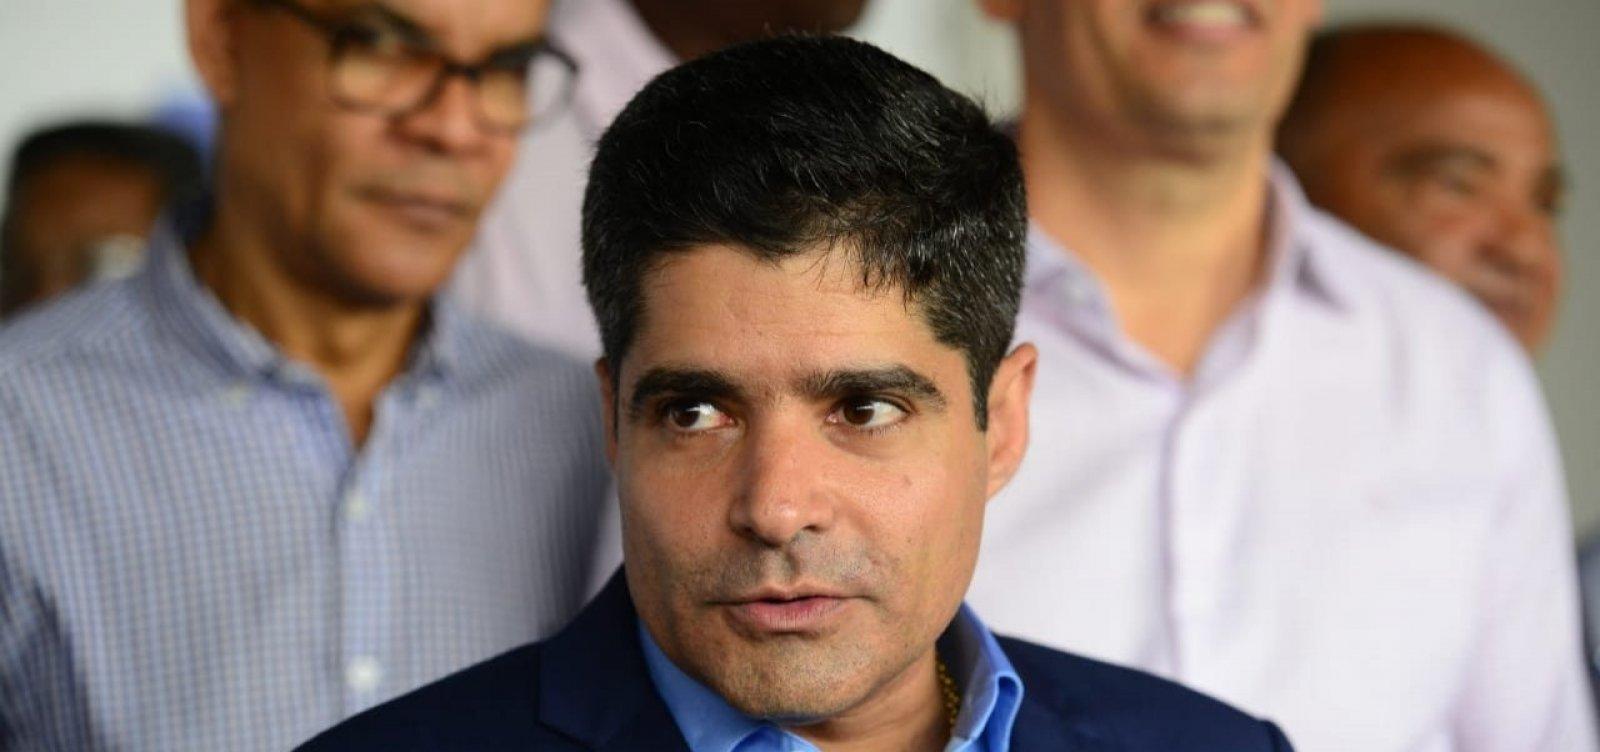 Neto rechaça possibilidade de aliança entre DEM e PT em 2022: 'Não existe'